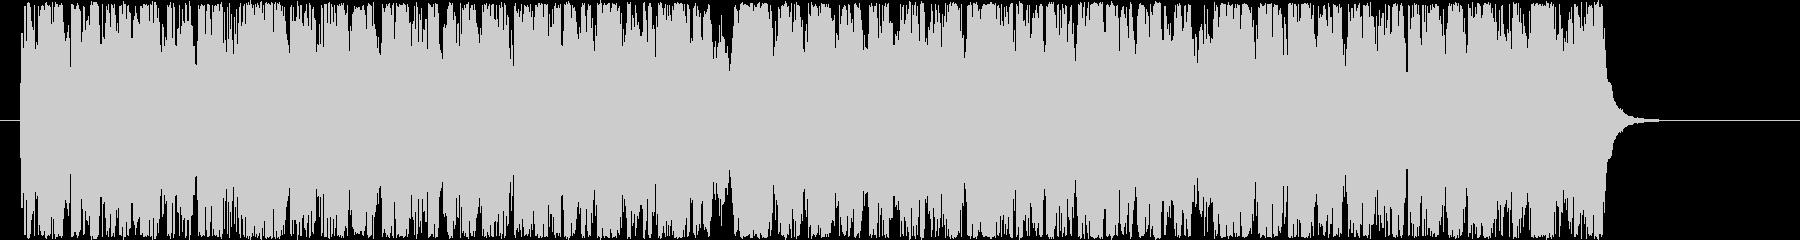 「交響曲第9番」ベートーベン の未再生の波形